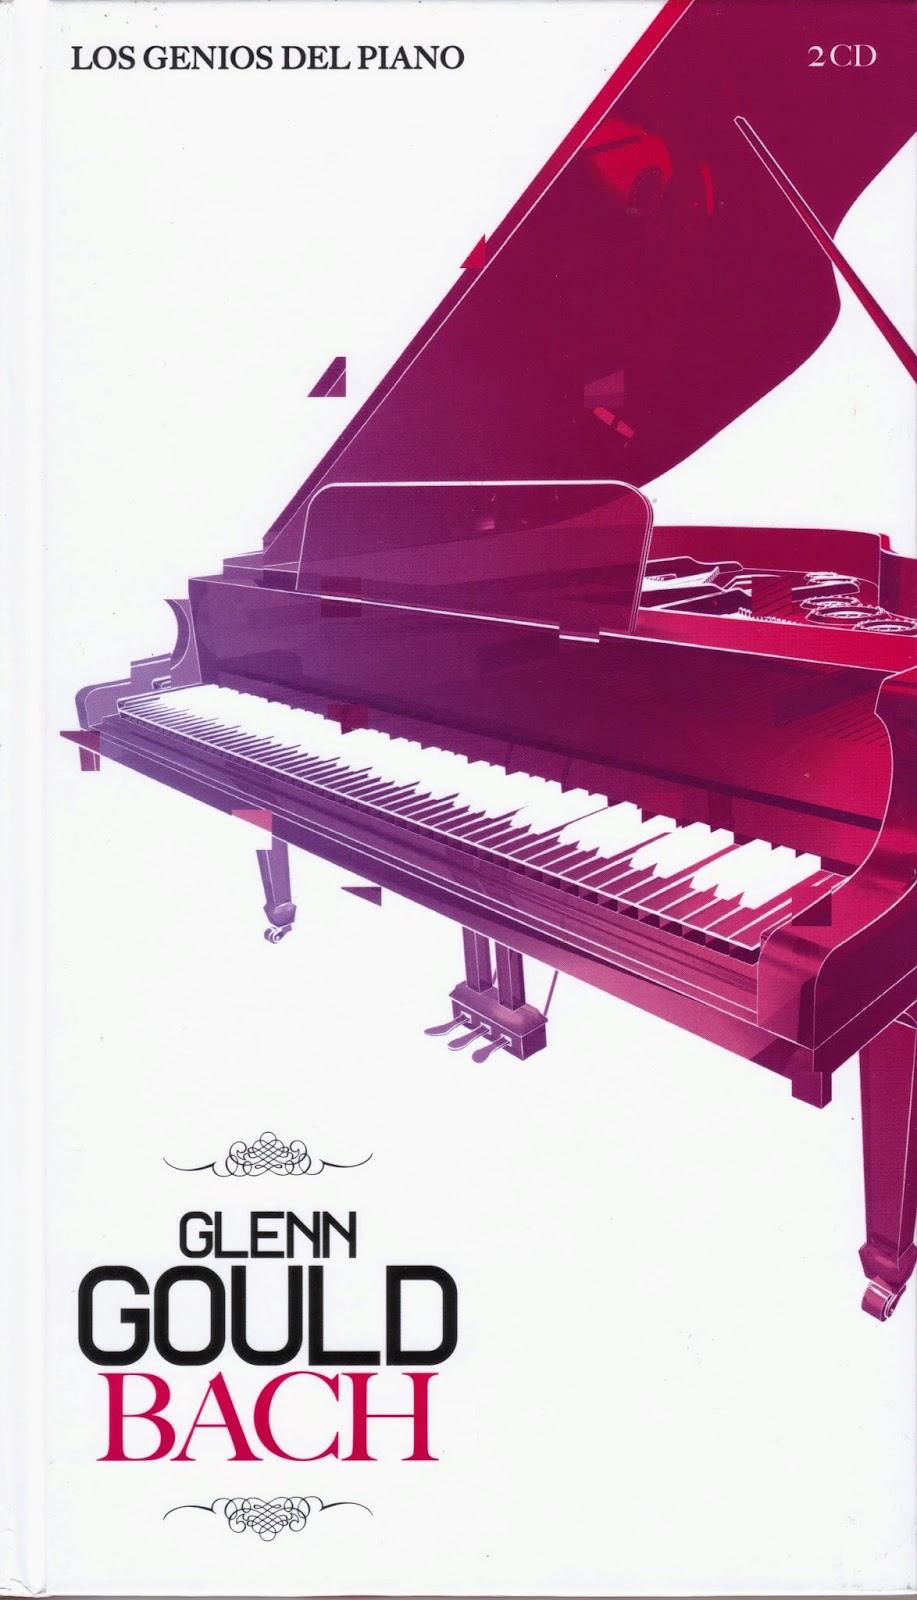 Imagen de Colección Los Genios del Piano-05-Glenn Gould & Bach